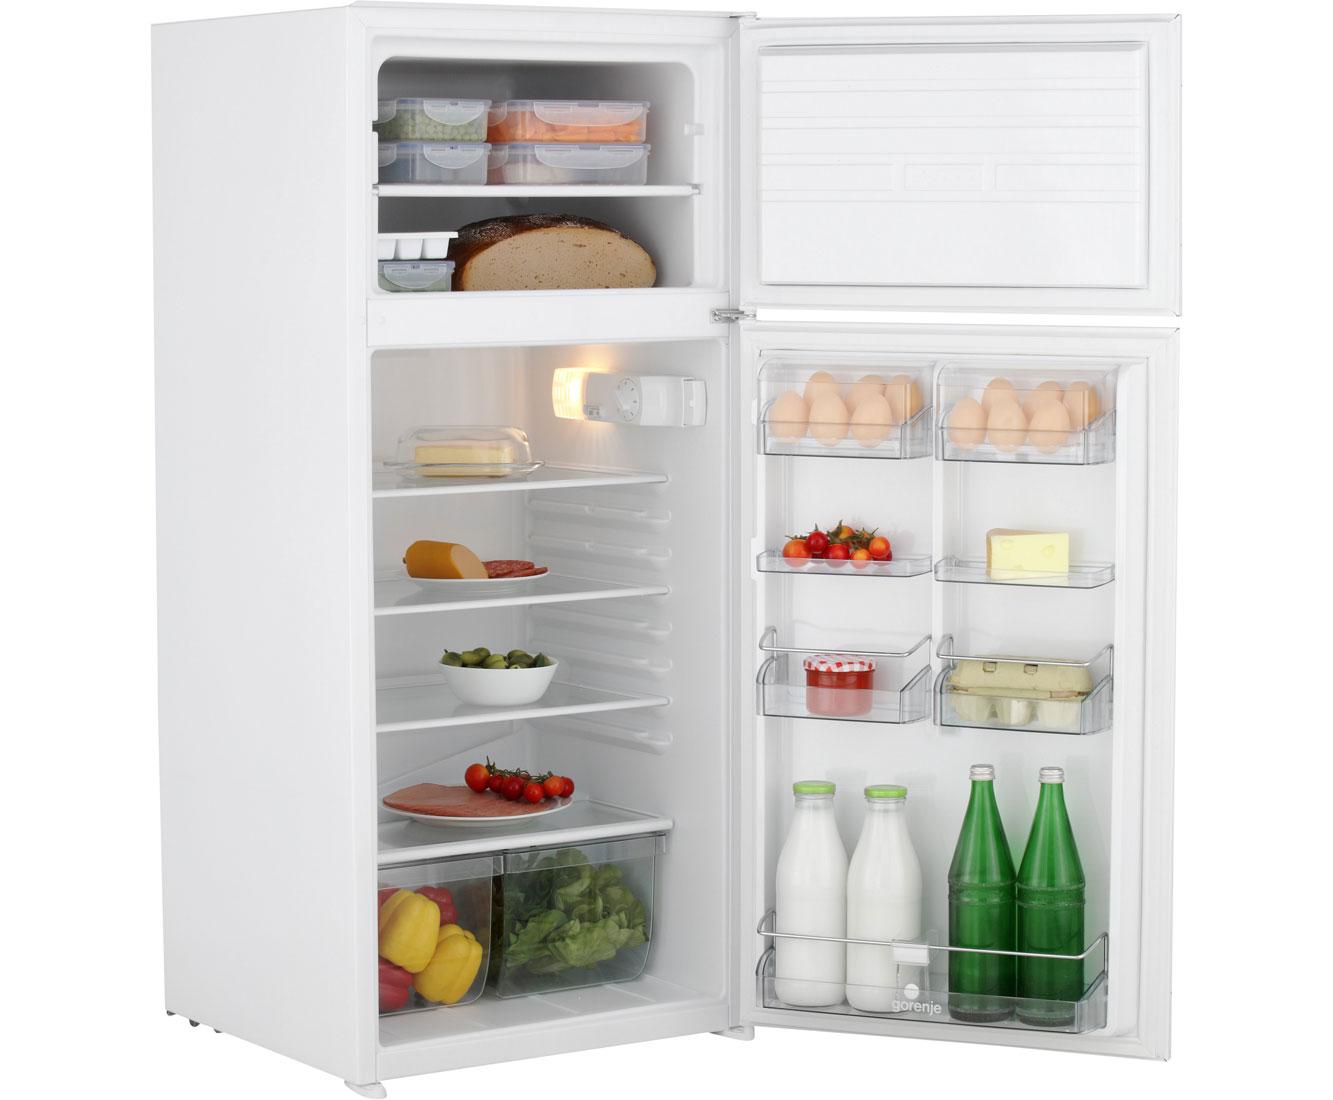 Gorenje Kühlschrank Gefrierkombination : Gorenje rfi aw einbau kühl gefrierkombination schlepptür